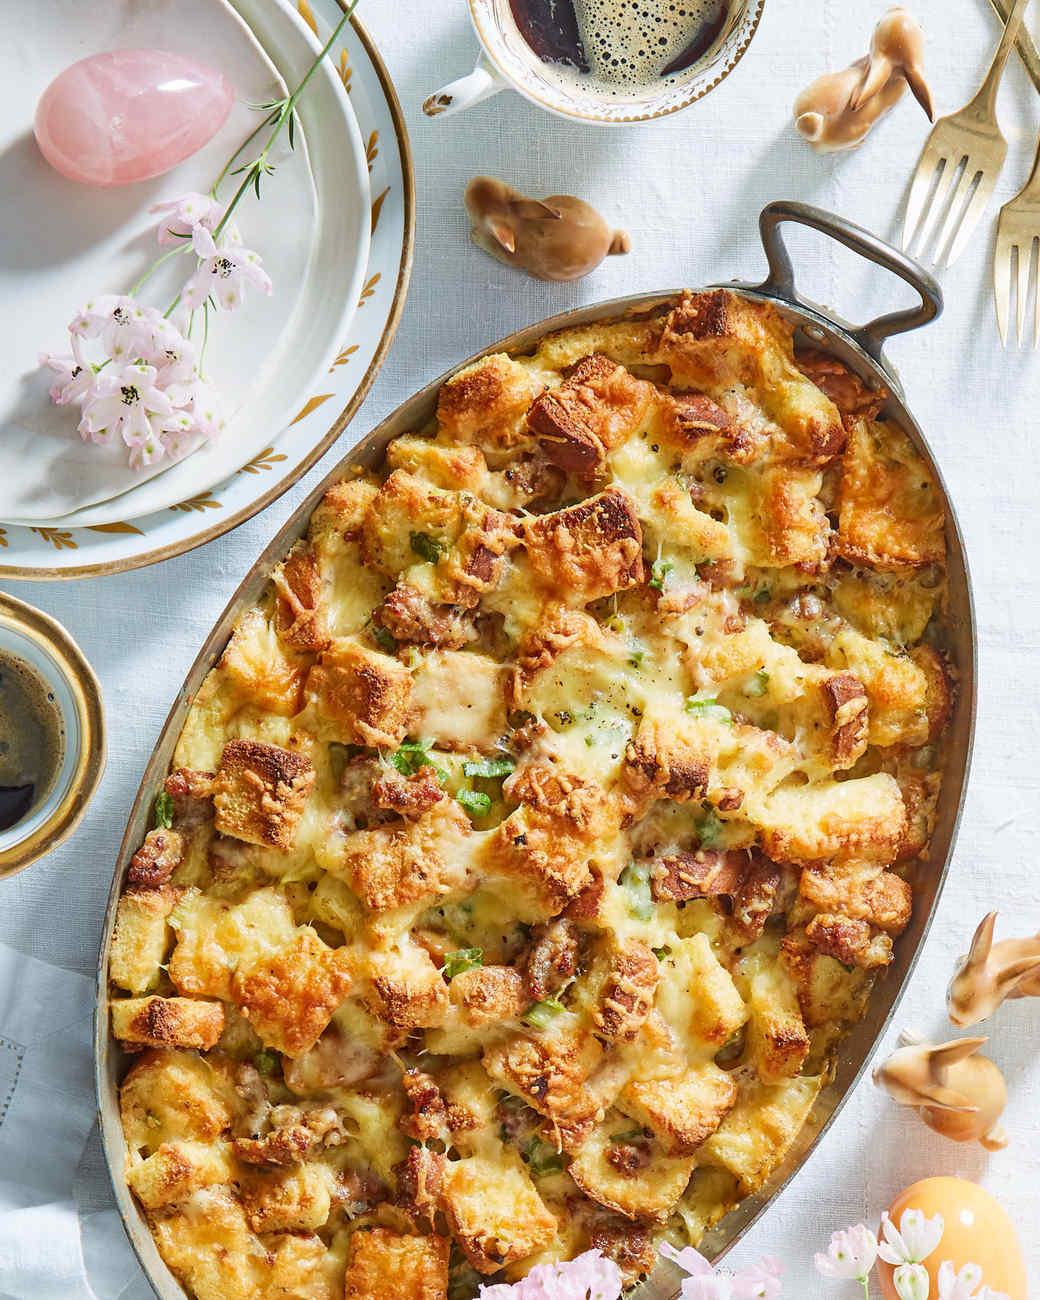 easter breakfast casserole from marley spoon